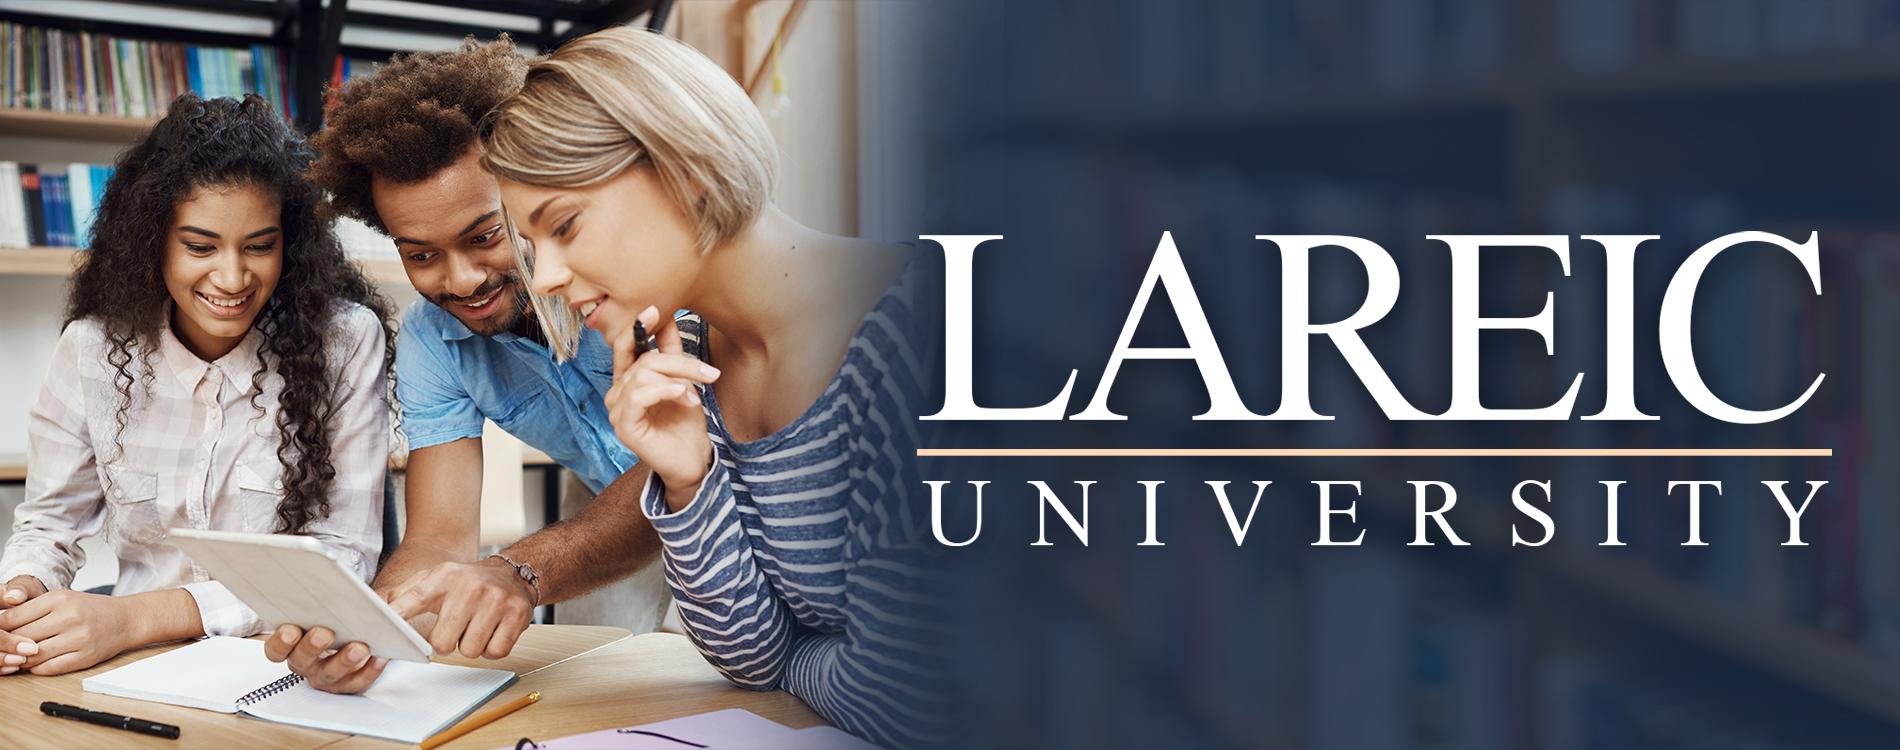 LAREIC University